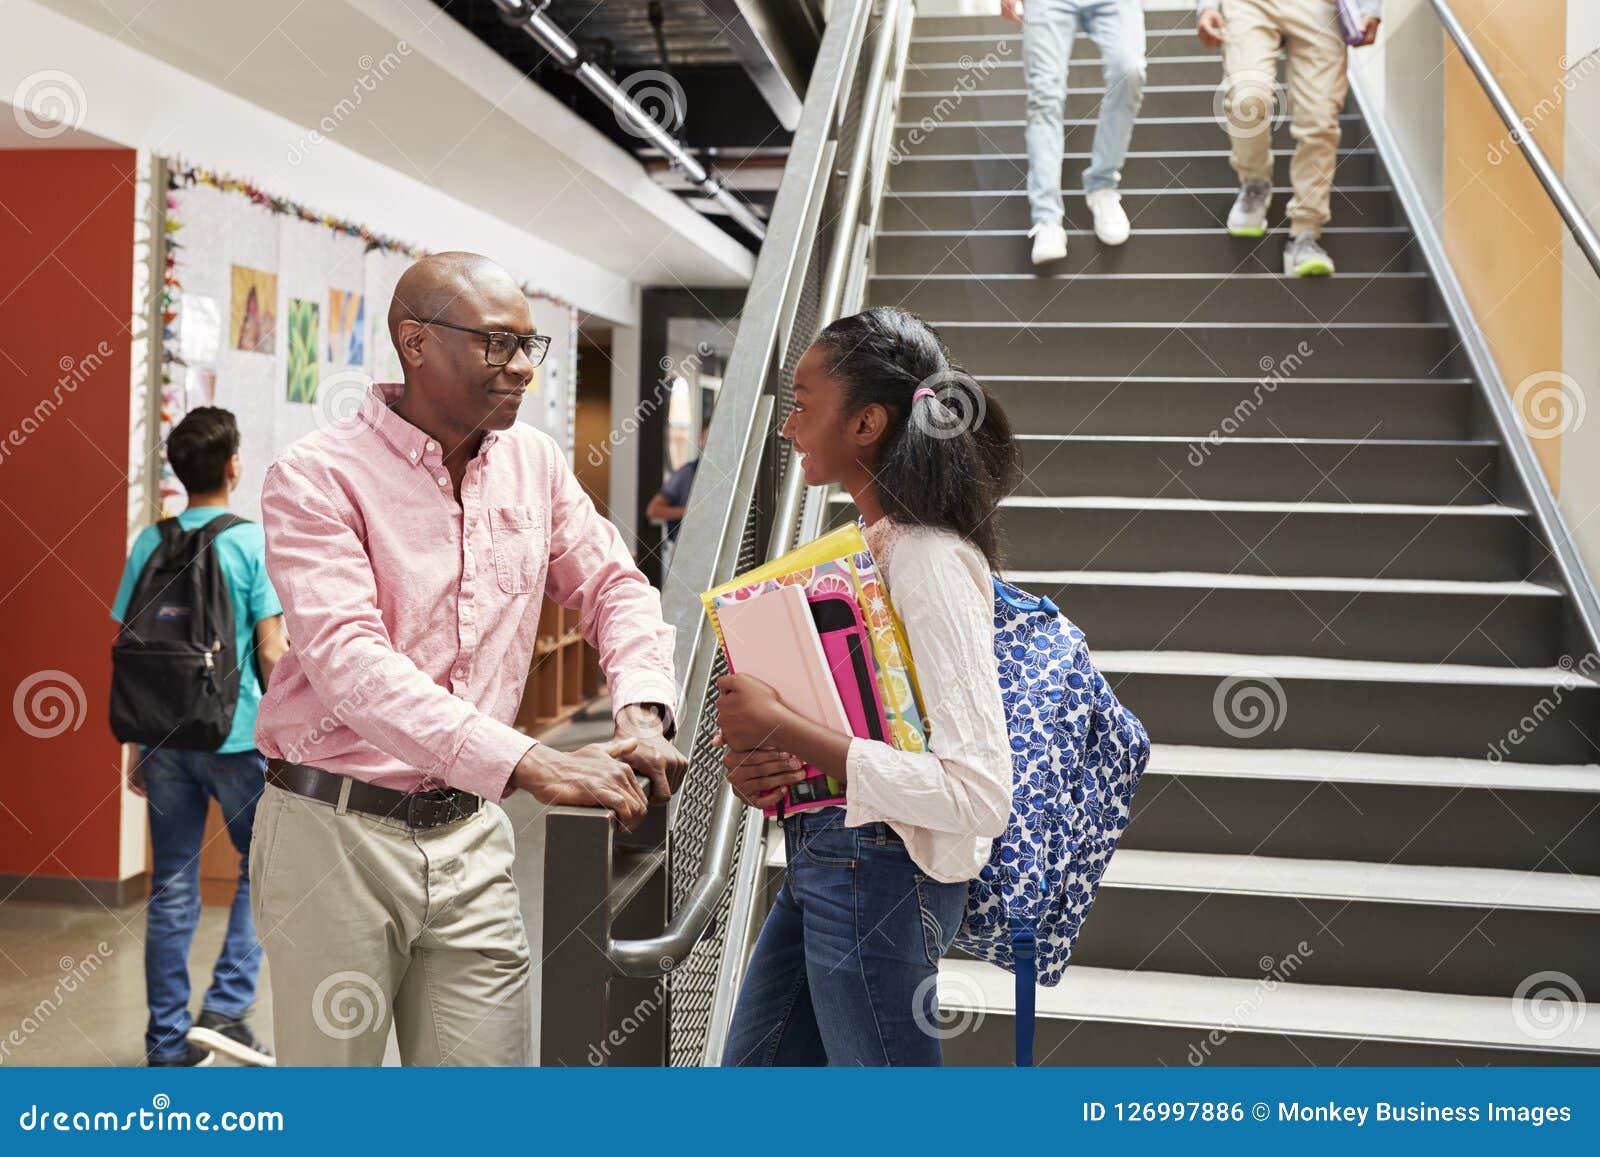 Θηλυκός σπουδαστής γυμνασίου που μιλά με το δάσκαλο στον πολυάσχολο διάδρομο